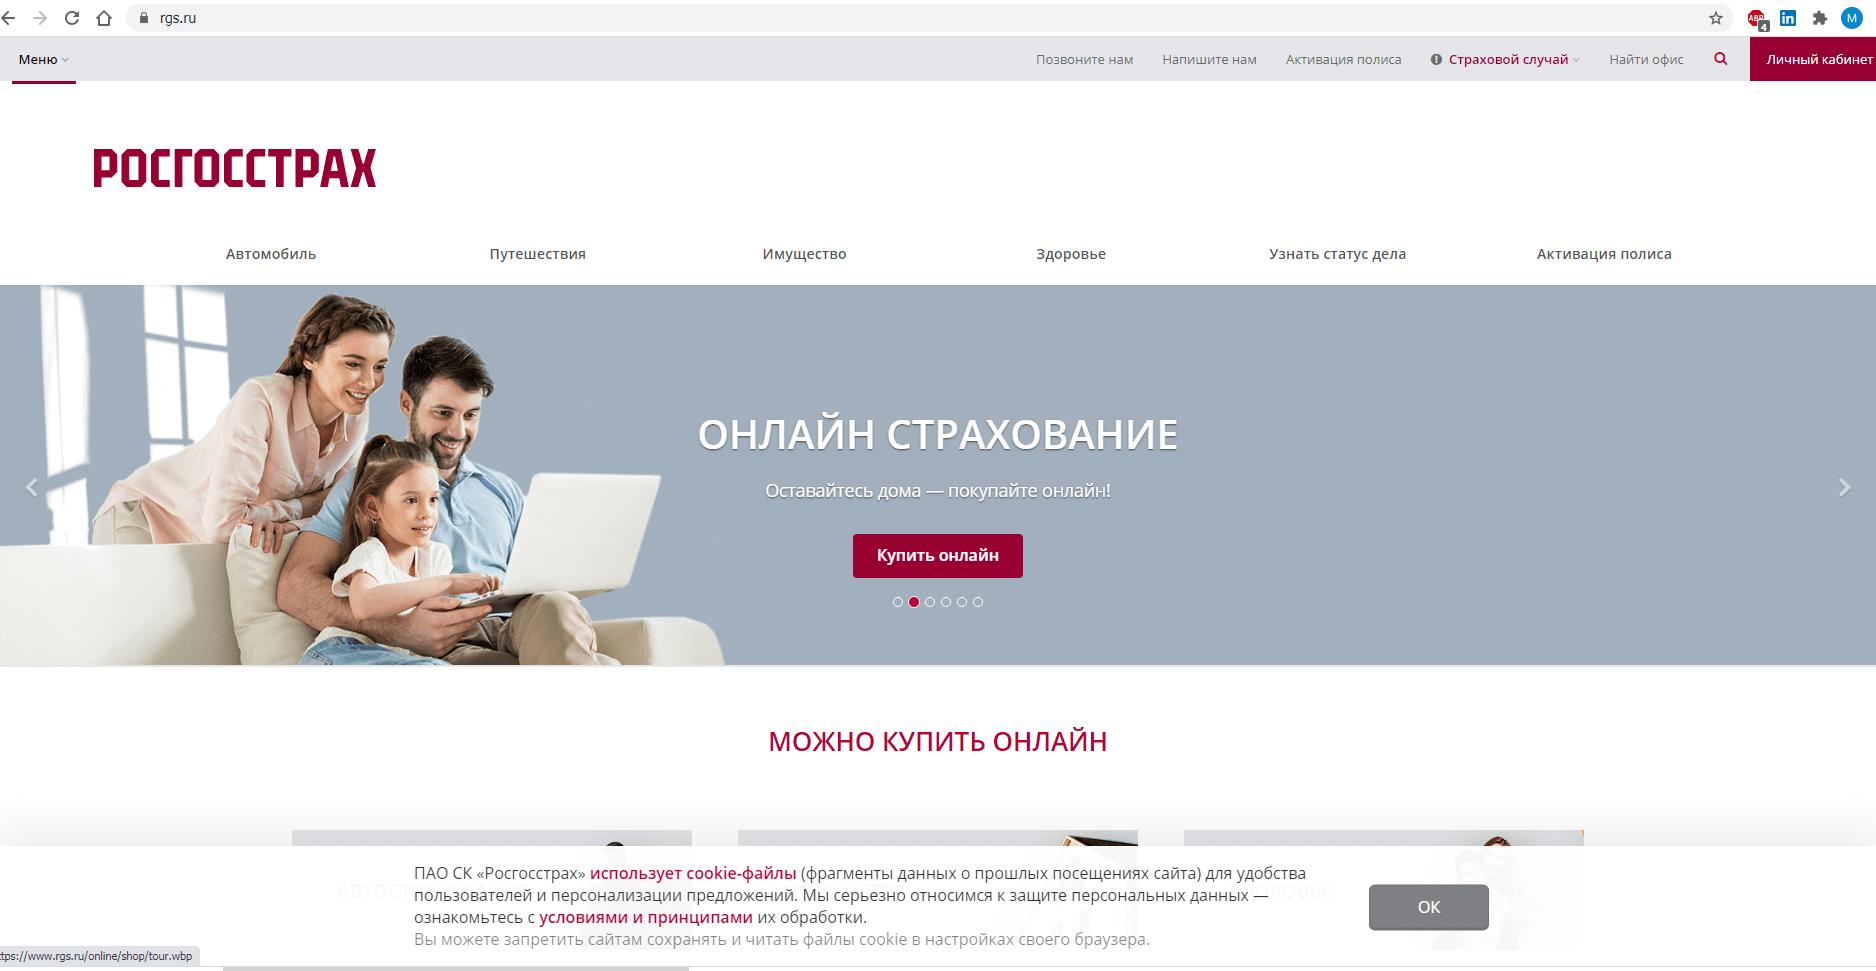 Rosgosstrakh website